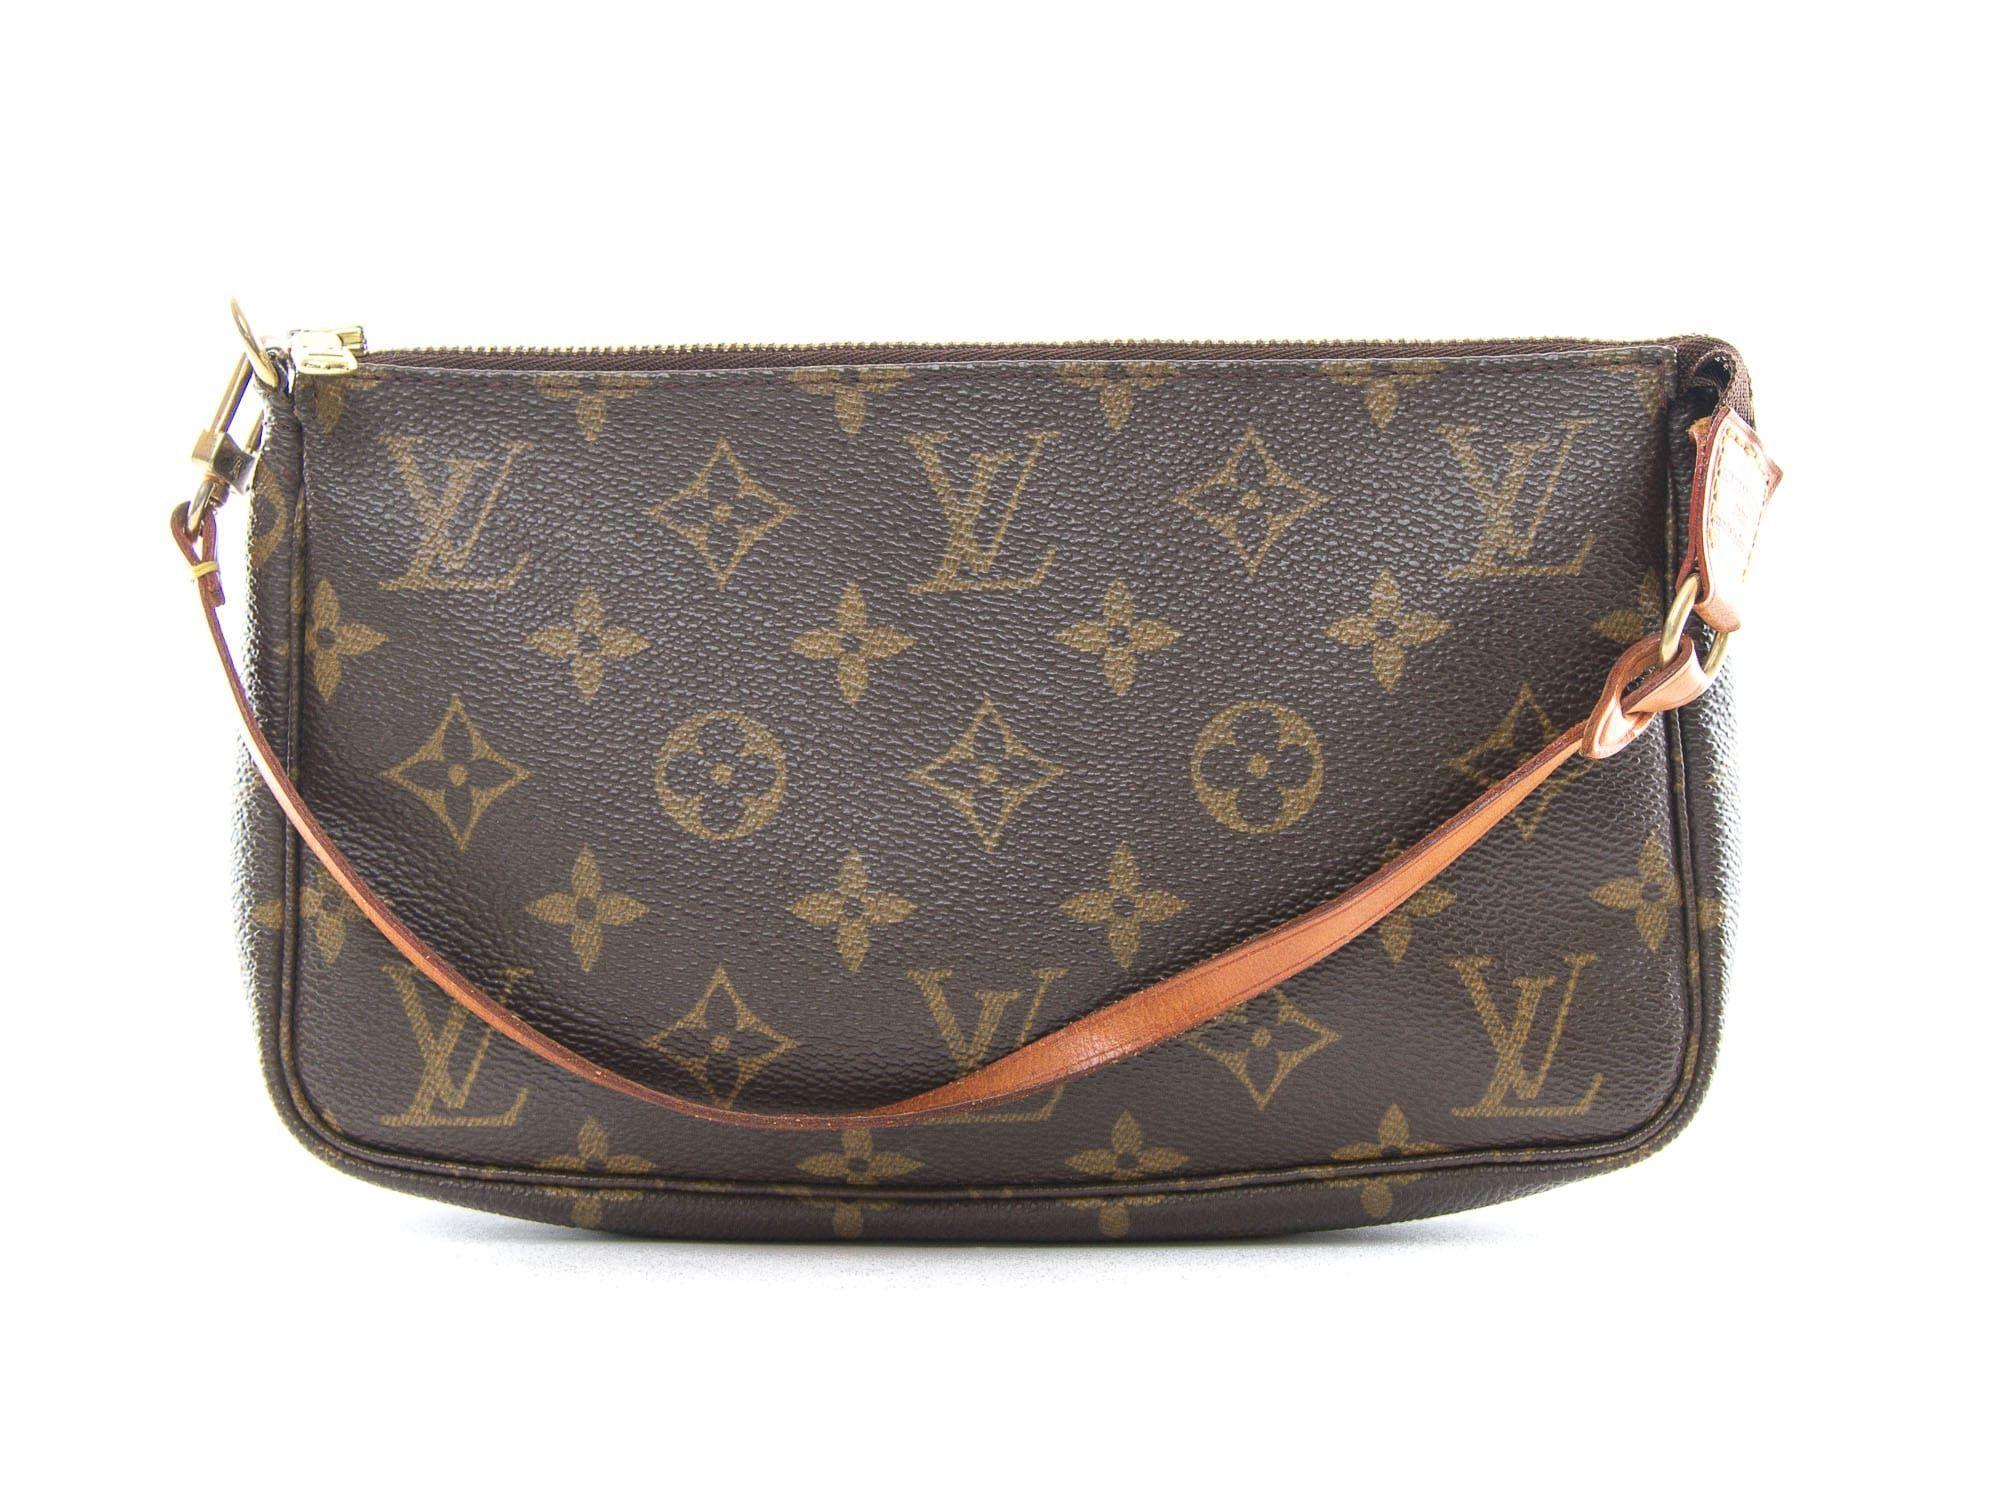 Authentic Louis Vuitton Monogram Pochette Accessoires Pouch M51980 Louis Vuitton Louis Vuitton Handbags Vintage Purse